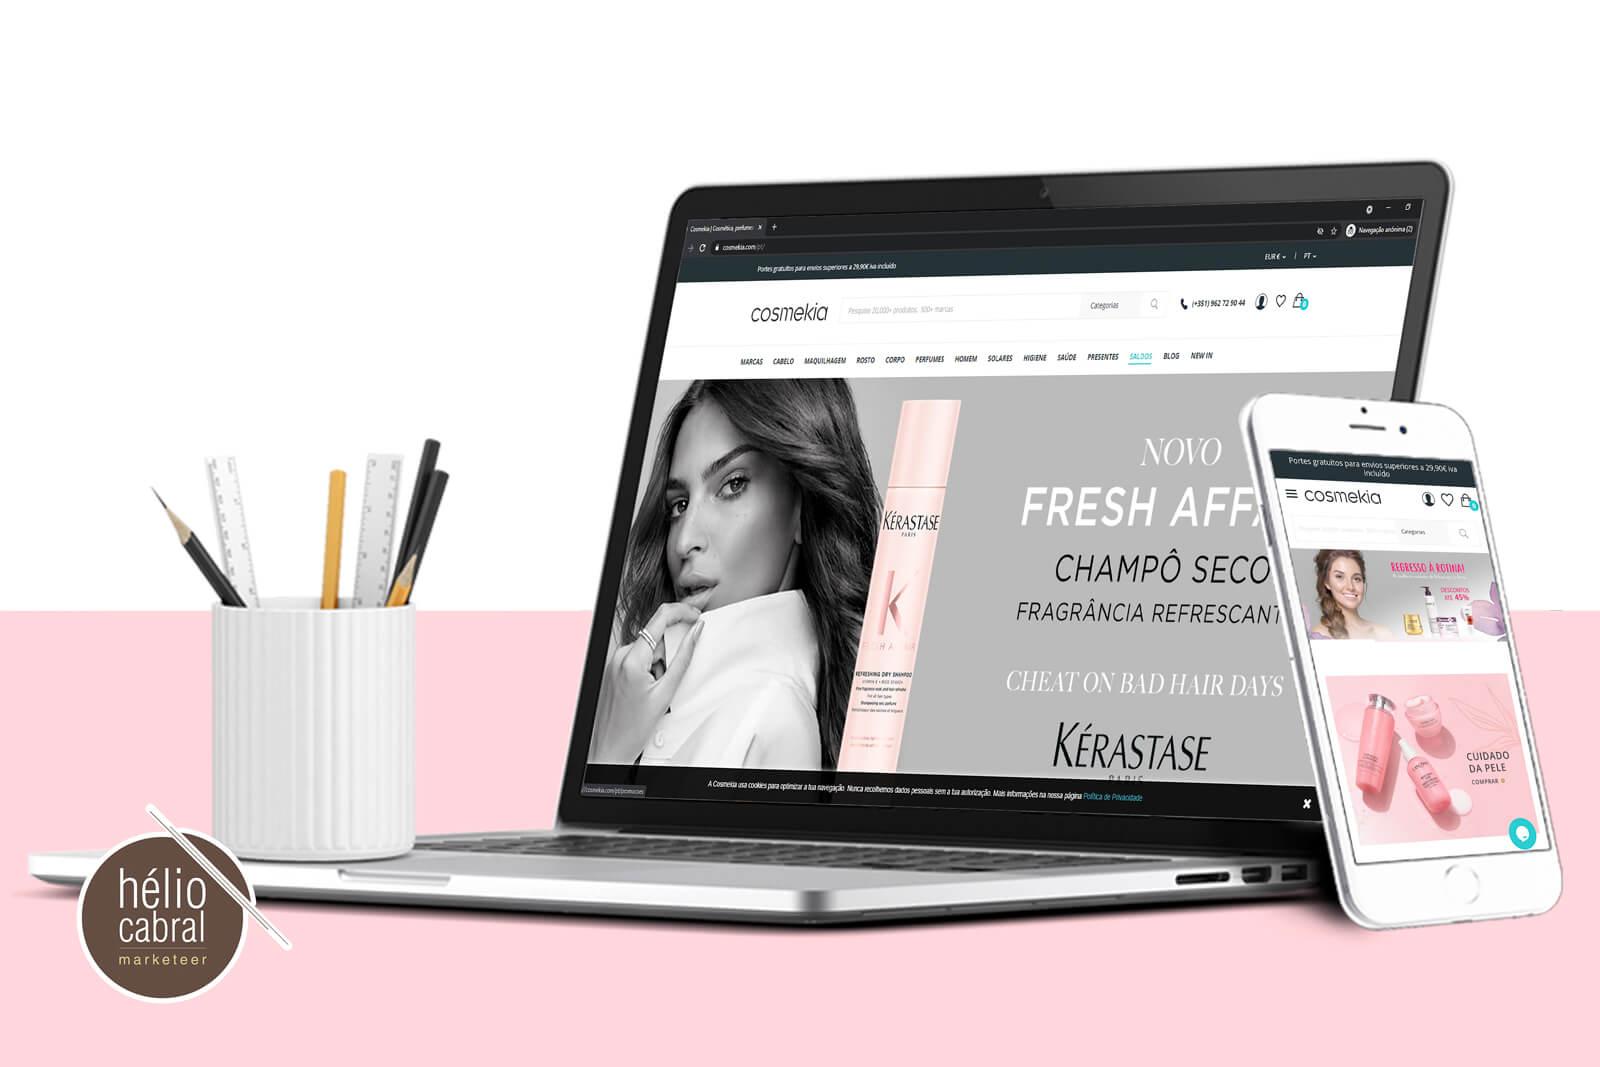 criação-de-loja-online-hélio-cabral-marketeer